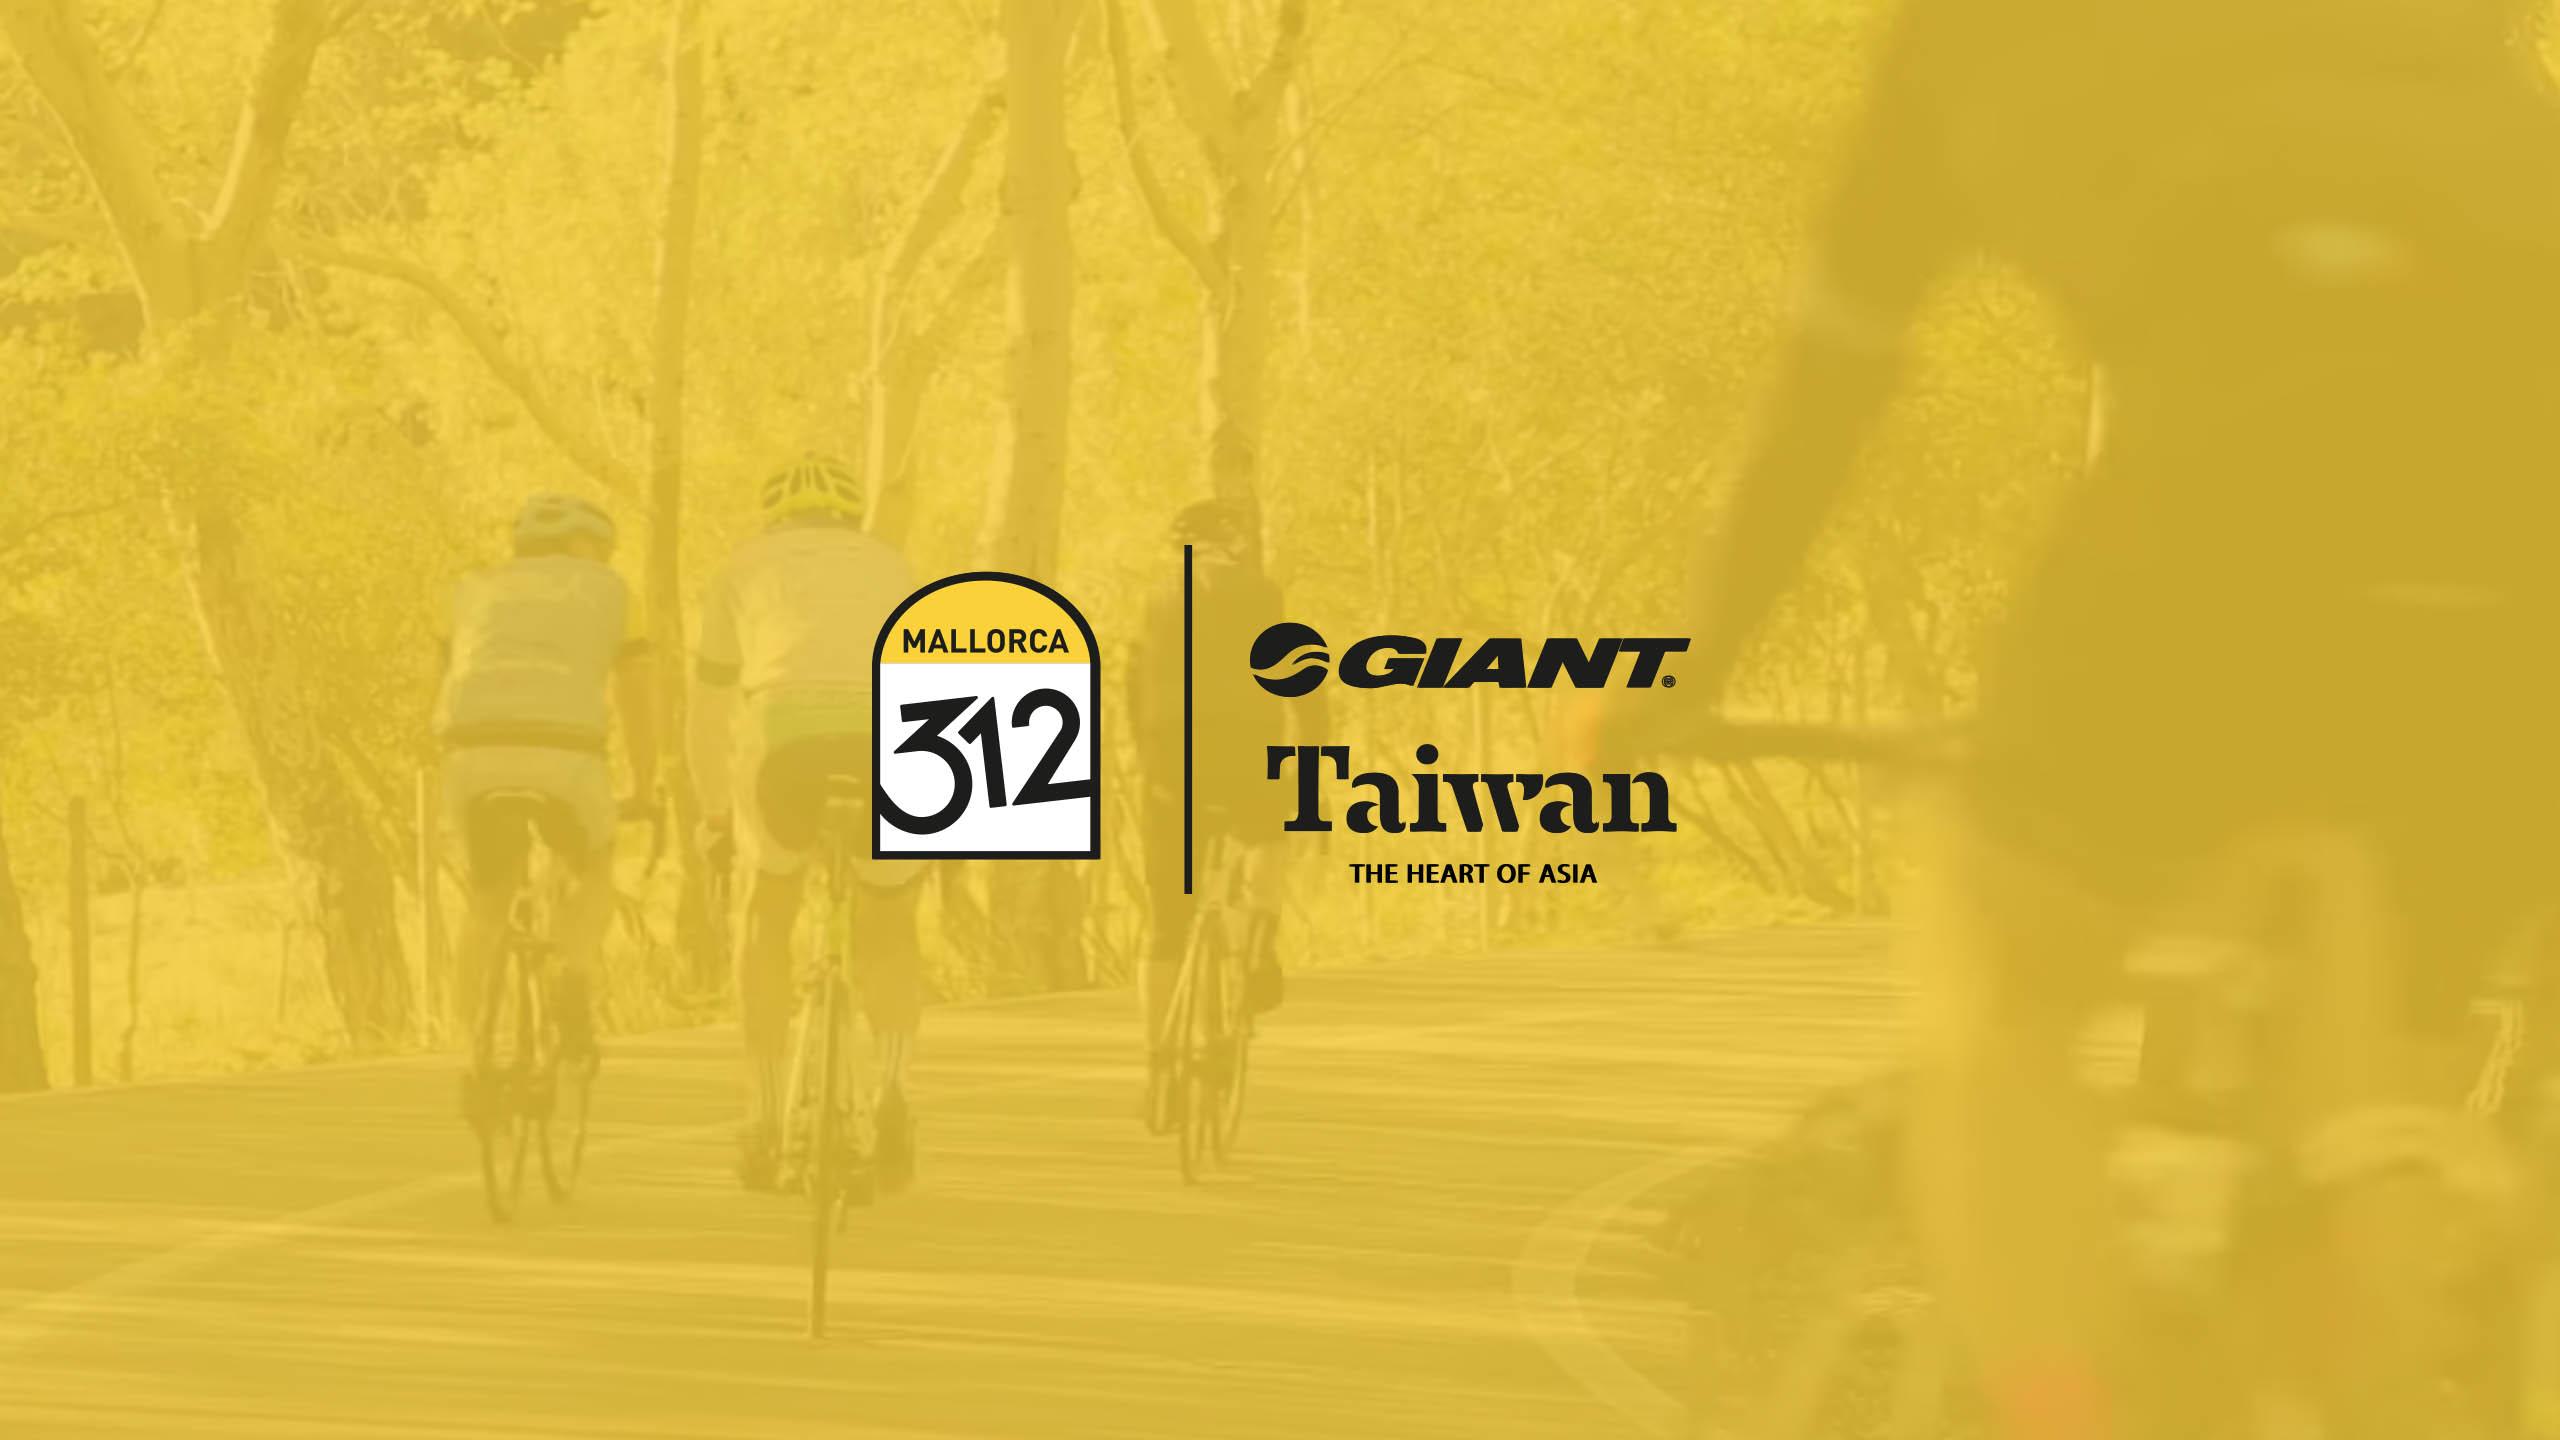 Mabull Events | Projectes | Mallorca 312: Volta internacional cicloturista (5)